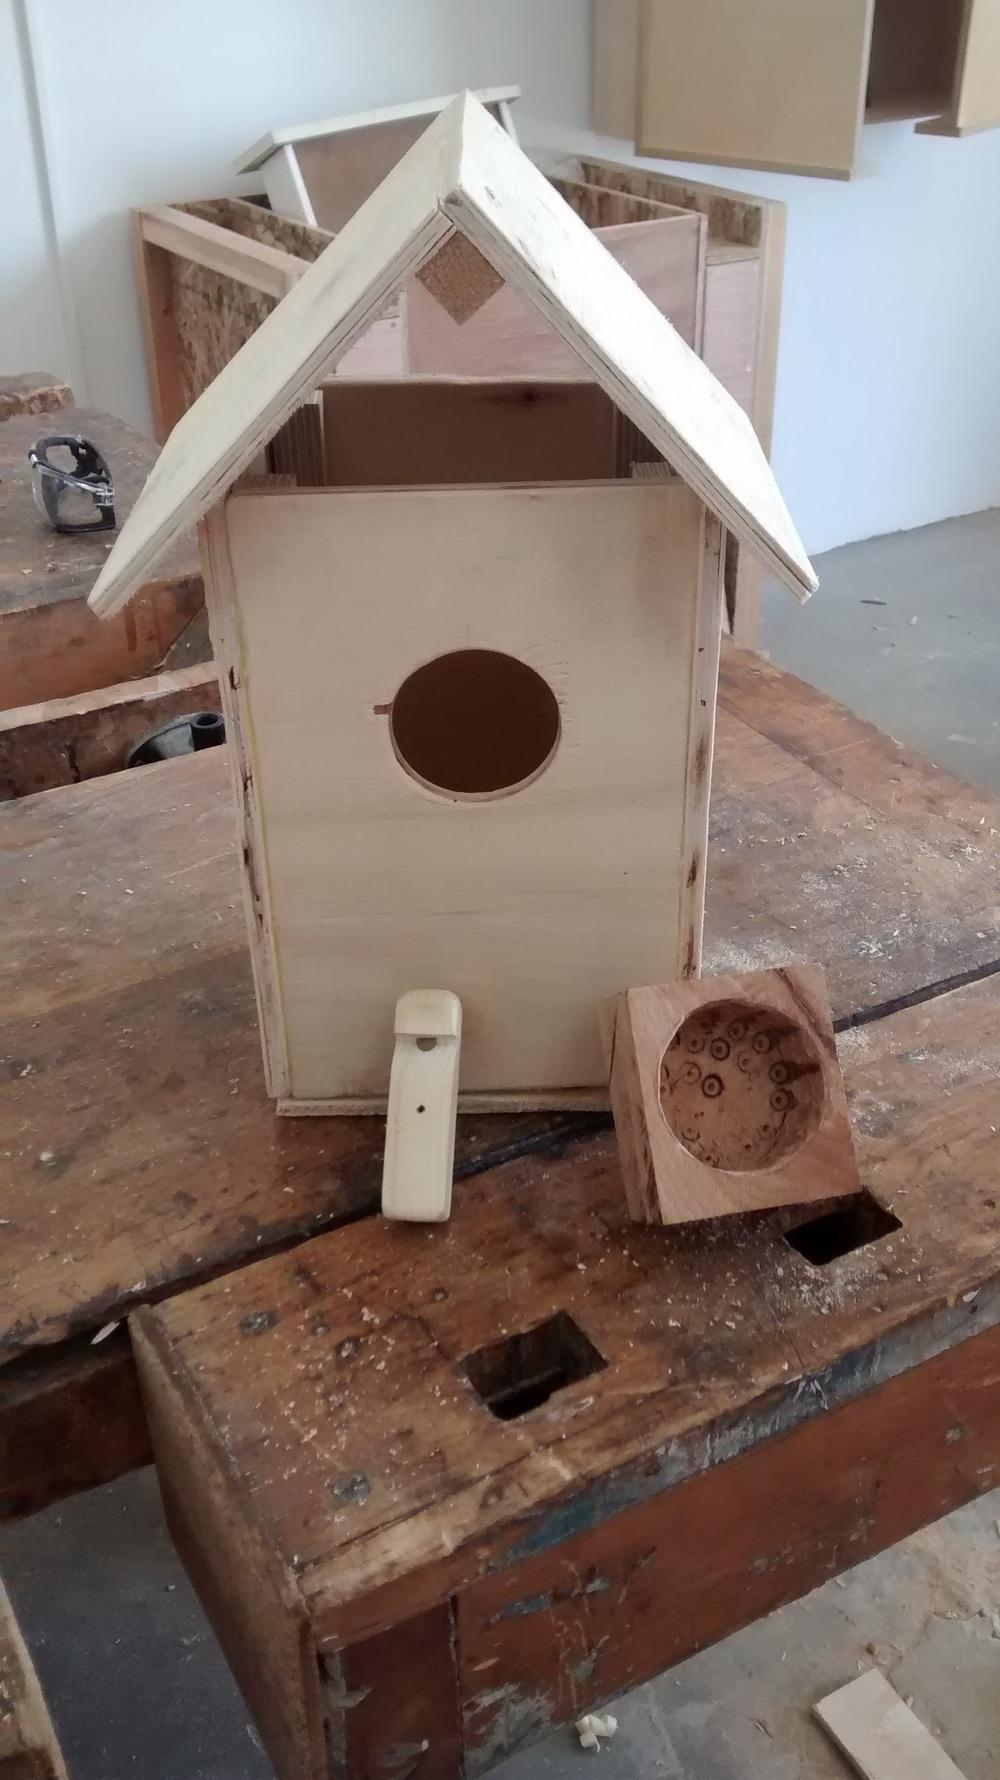 בית לציפורים, קופסא עגולה, משרוקית